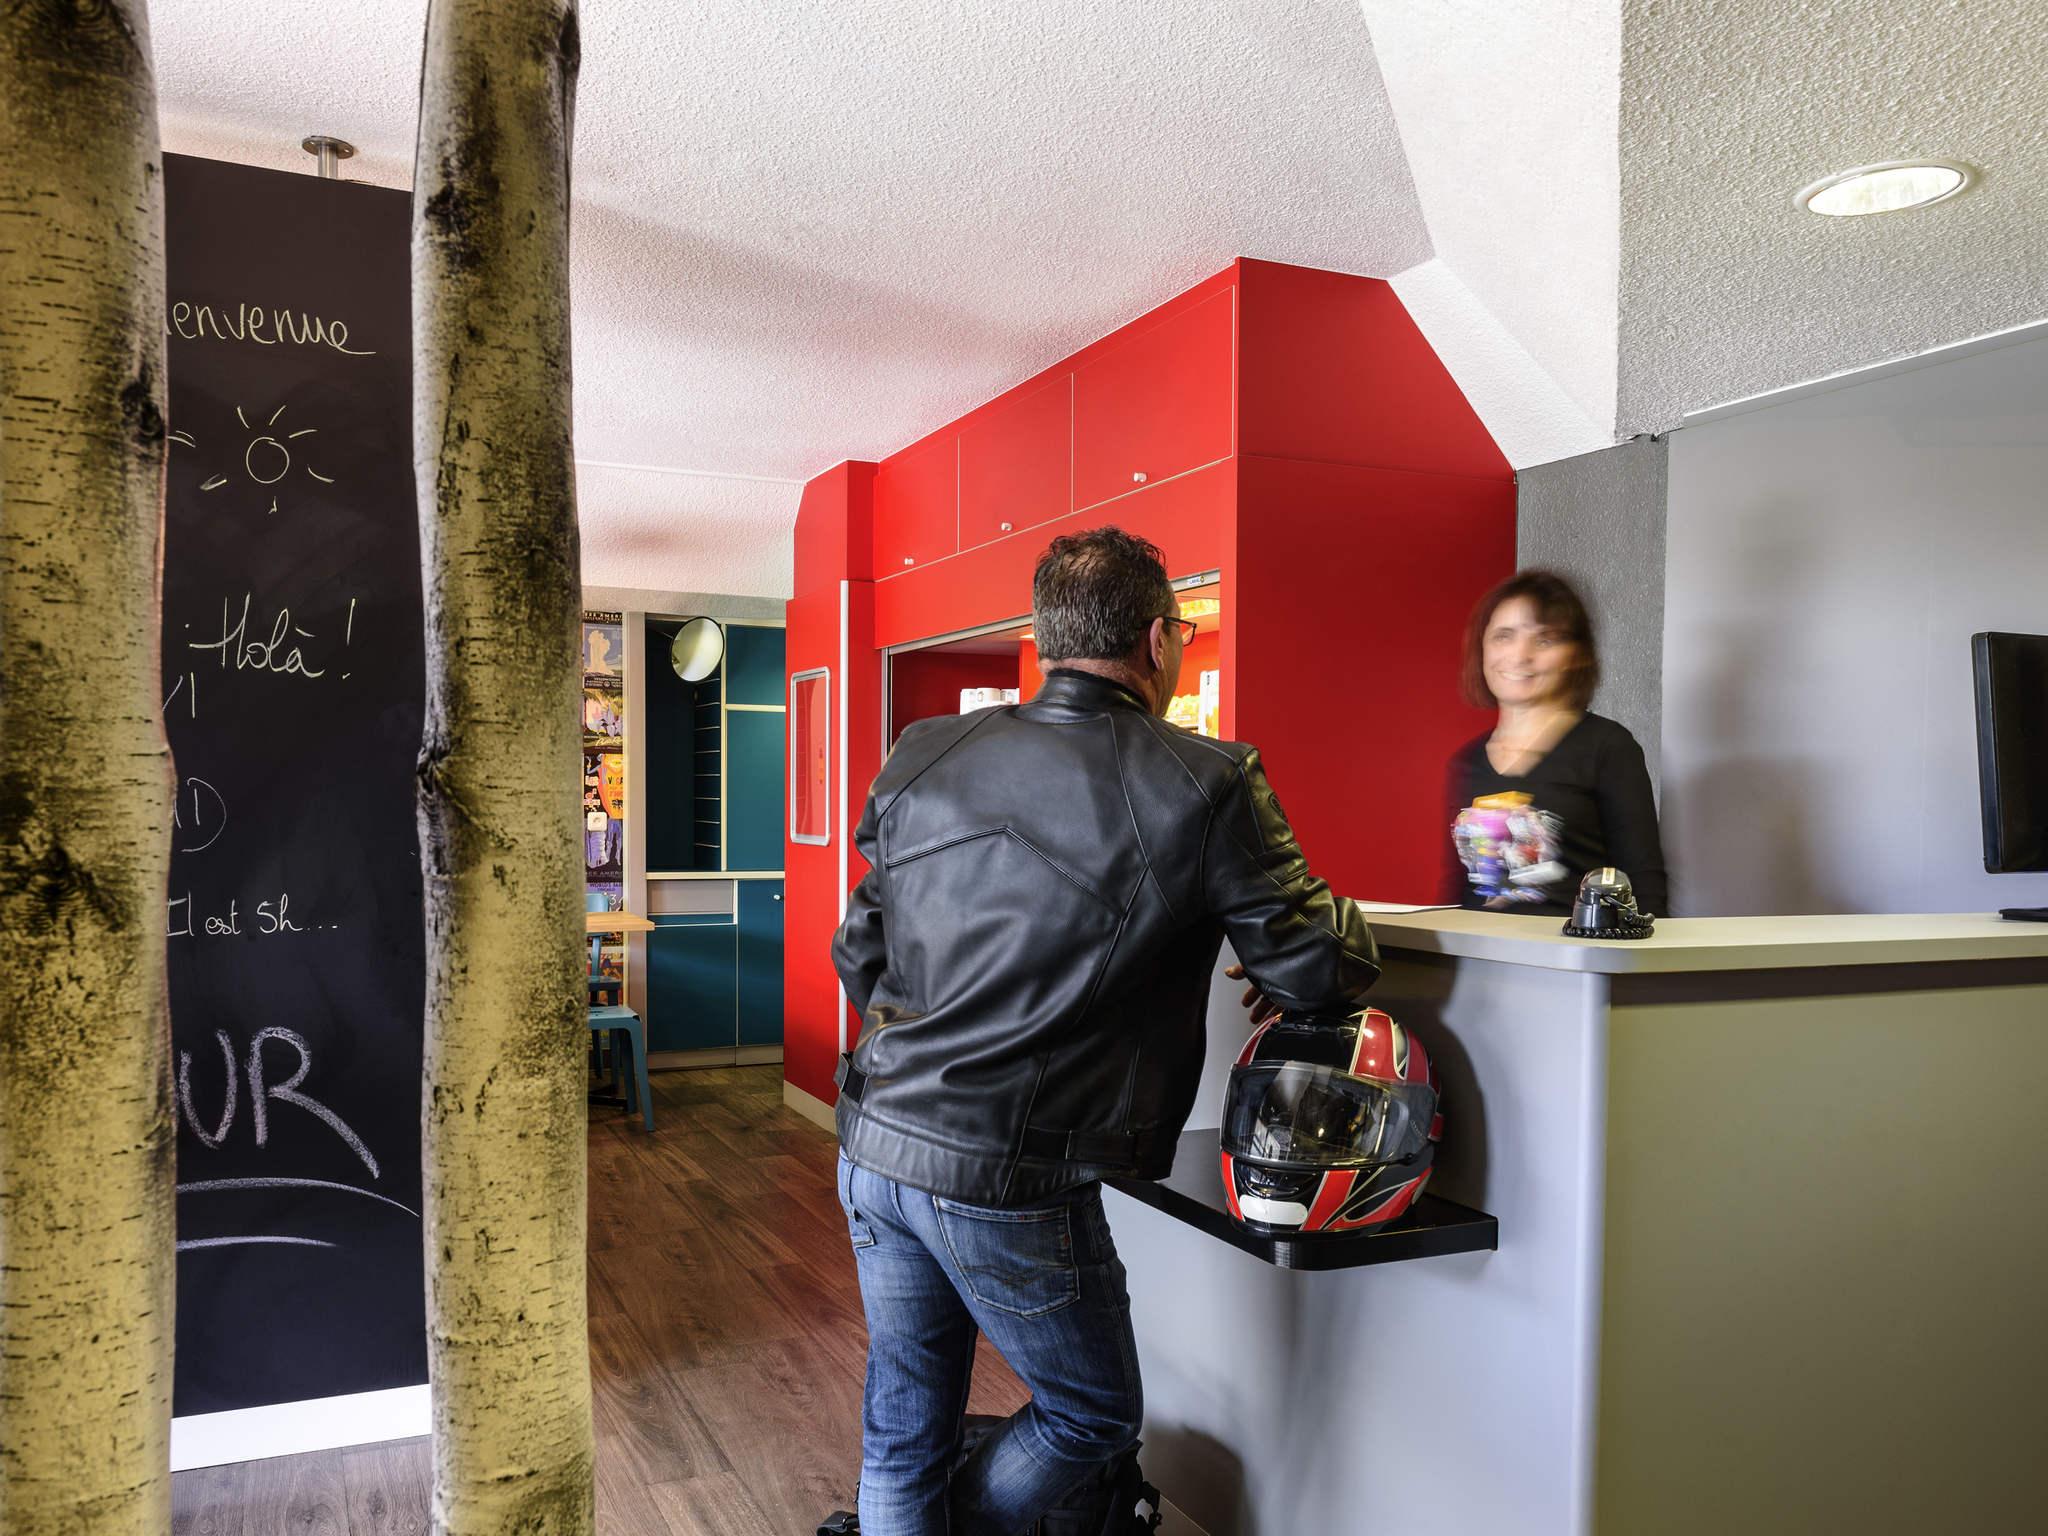 Hôtel - hotelF1 Calais Coquelles